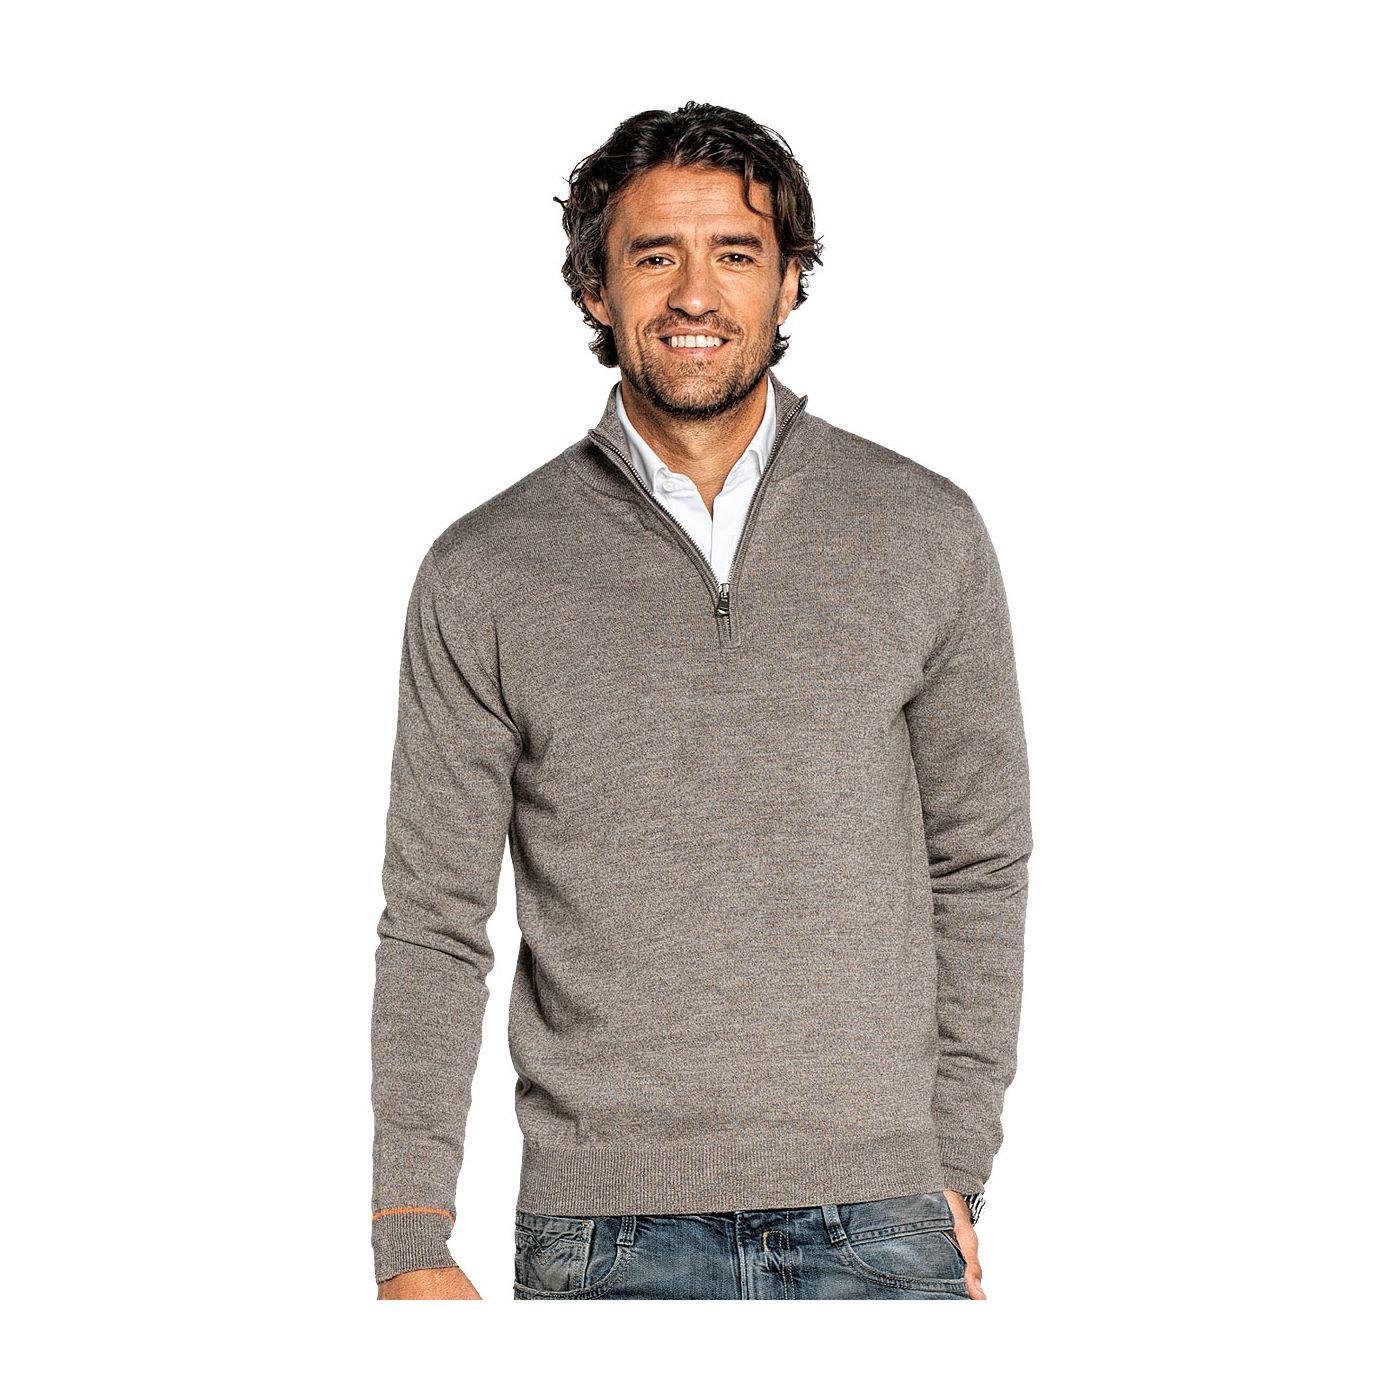 Half zip sweater for men made of Merino wool in Brown